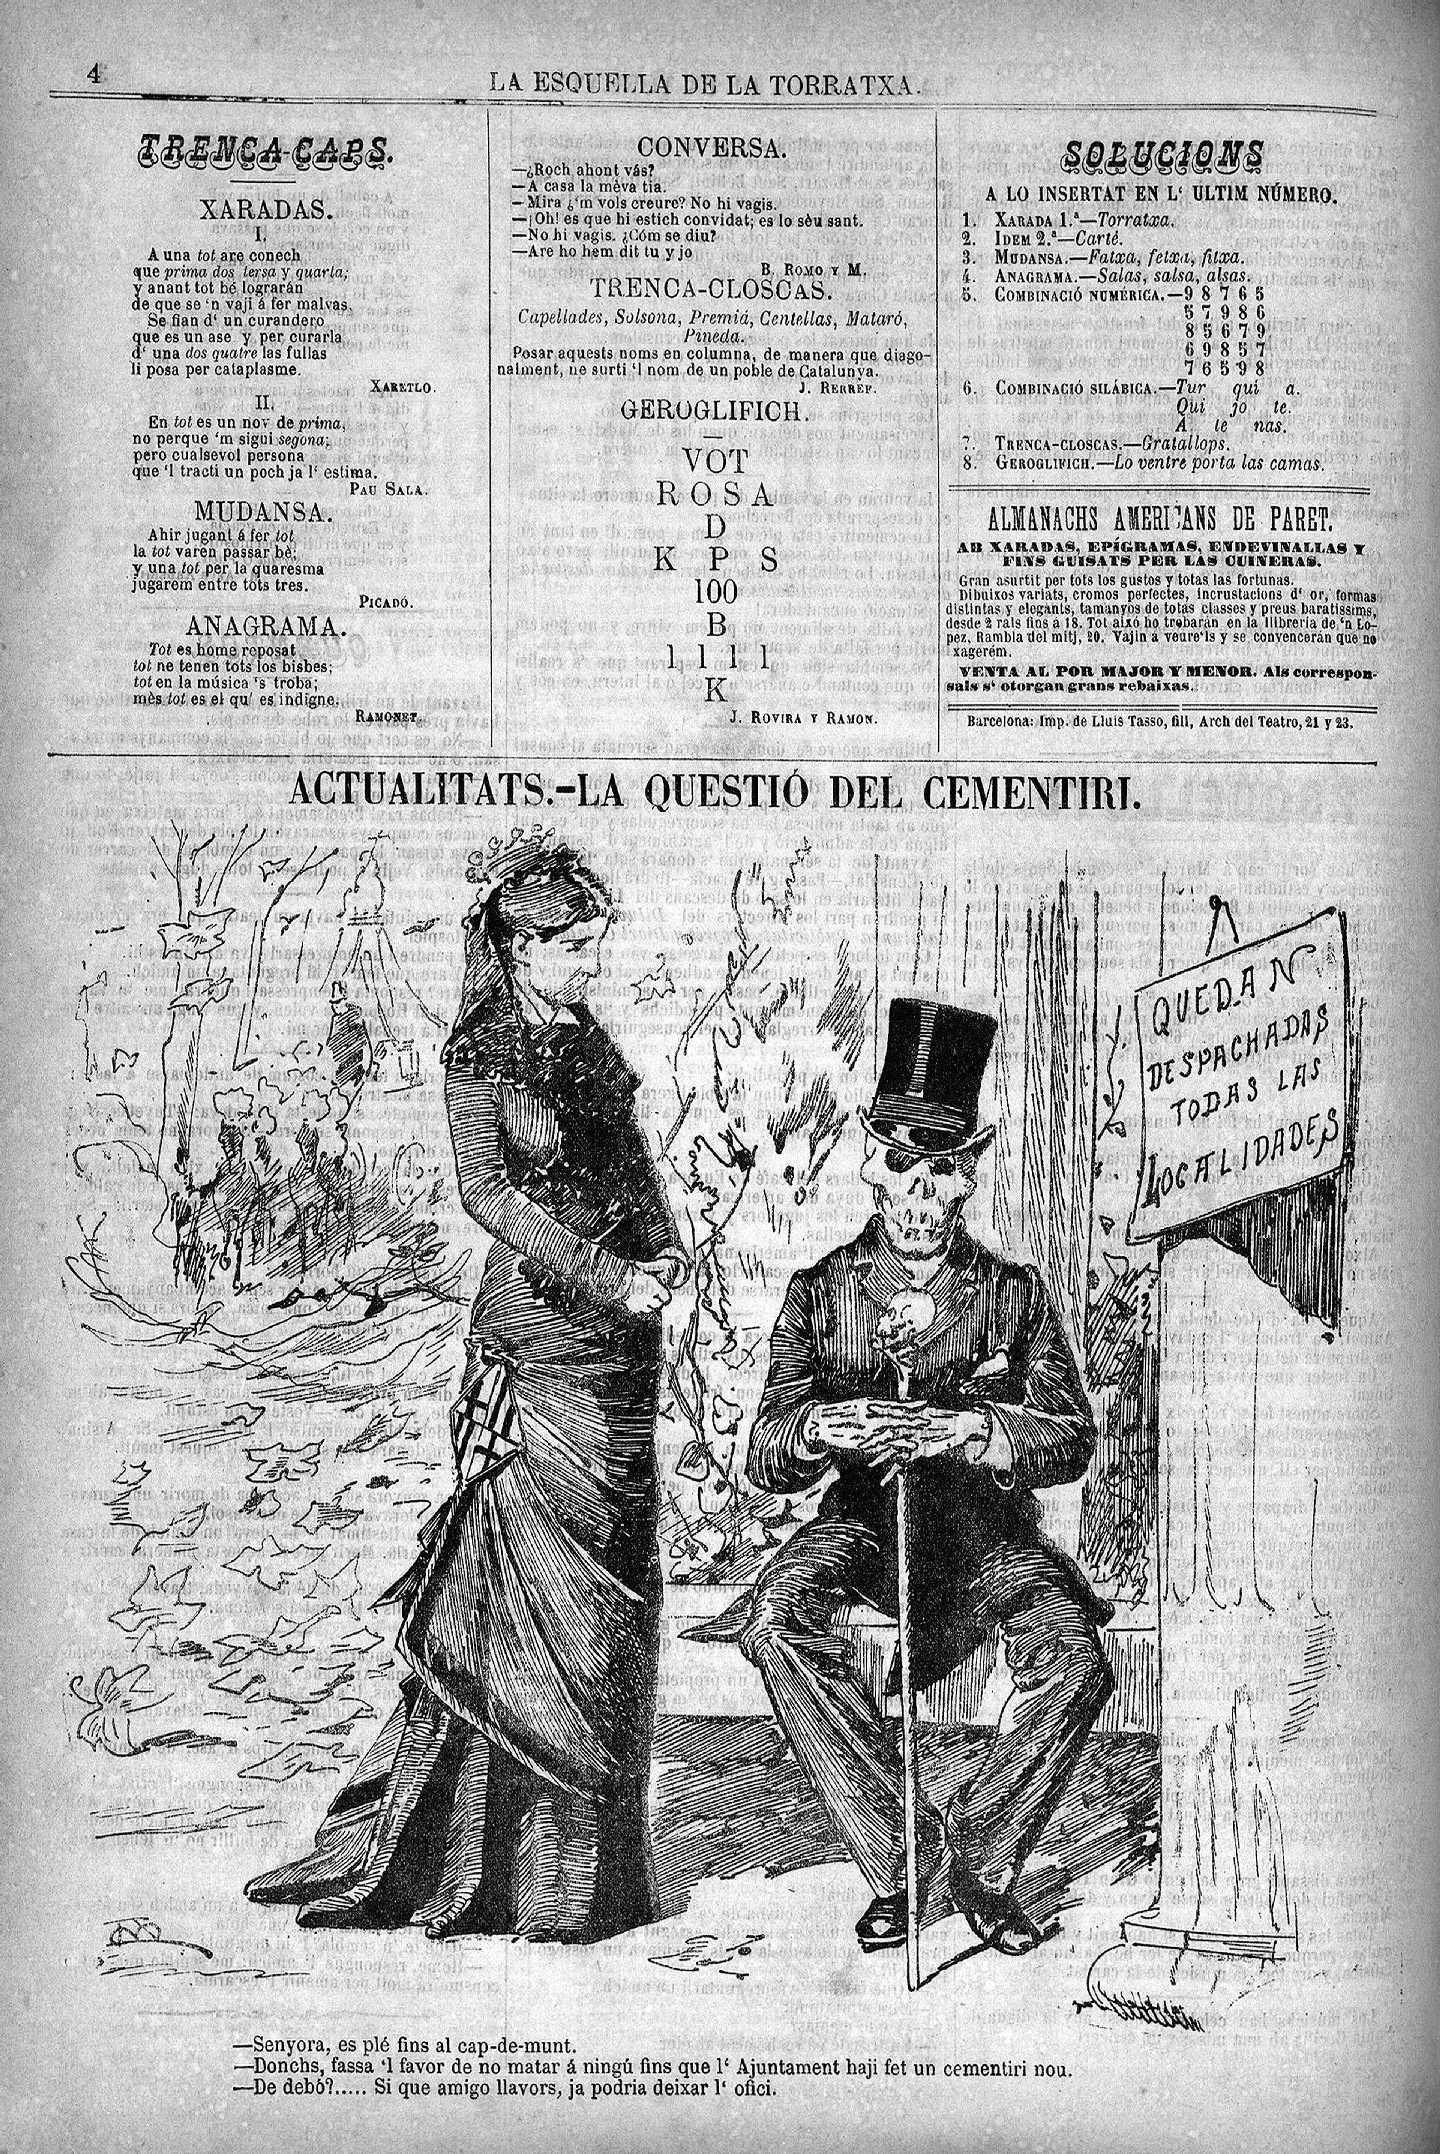 Esquella de la Torratxa, L'. Núm. 45, 29 novembre 1879, pàgina 4. L'al·legoria de la ciutat de Barcelona conversa amb la mort sobre la manca d'espai disponible als cementiris de la ciutat.